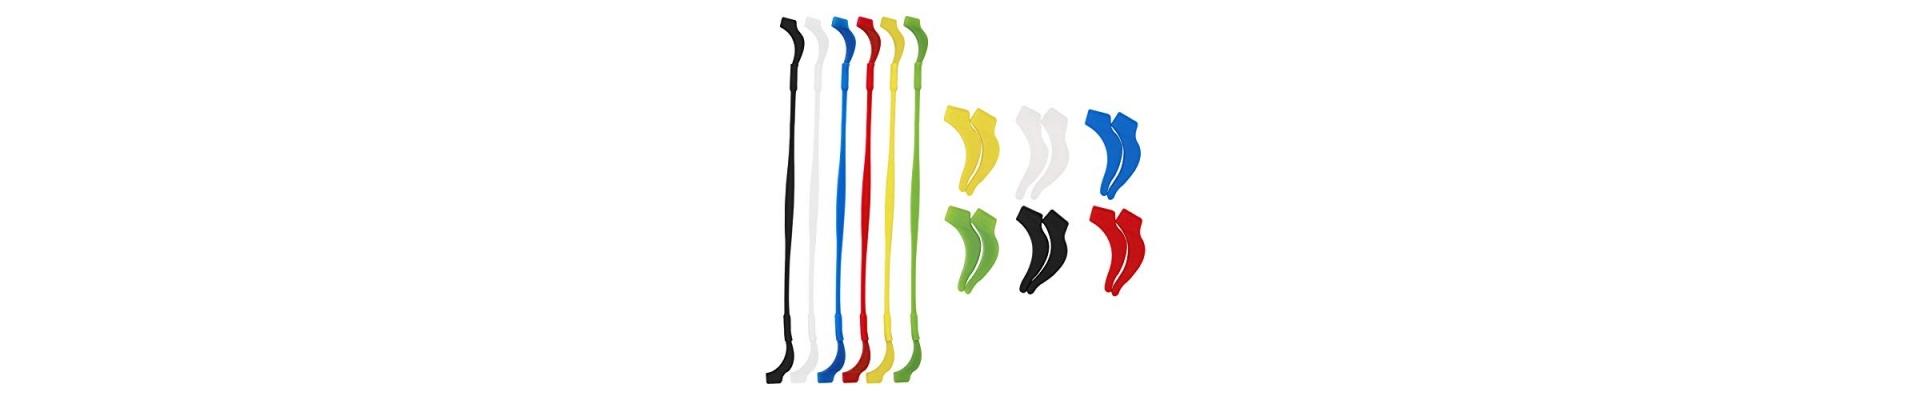 Anti slip Stoppers for eyewear